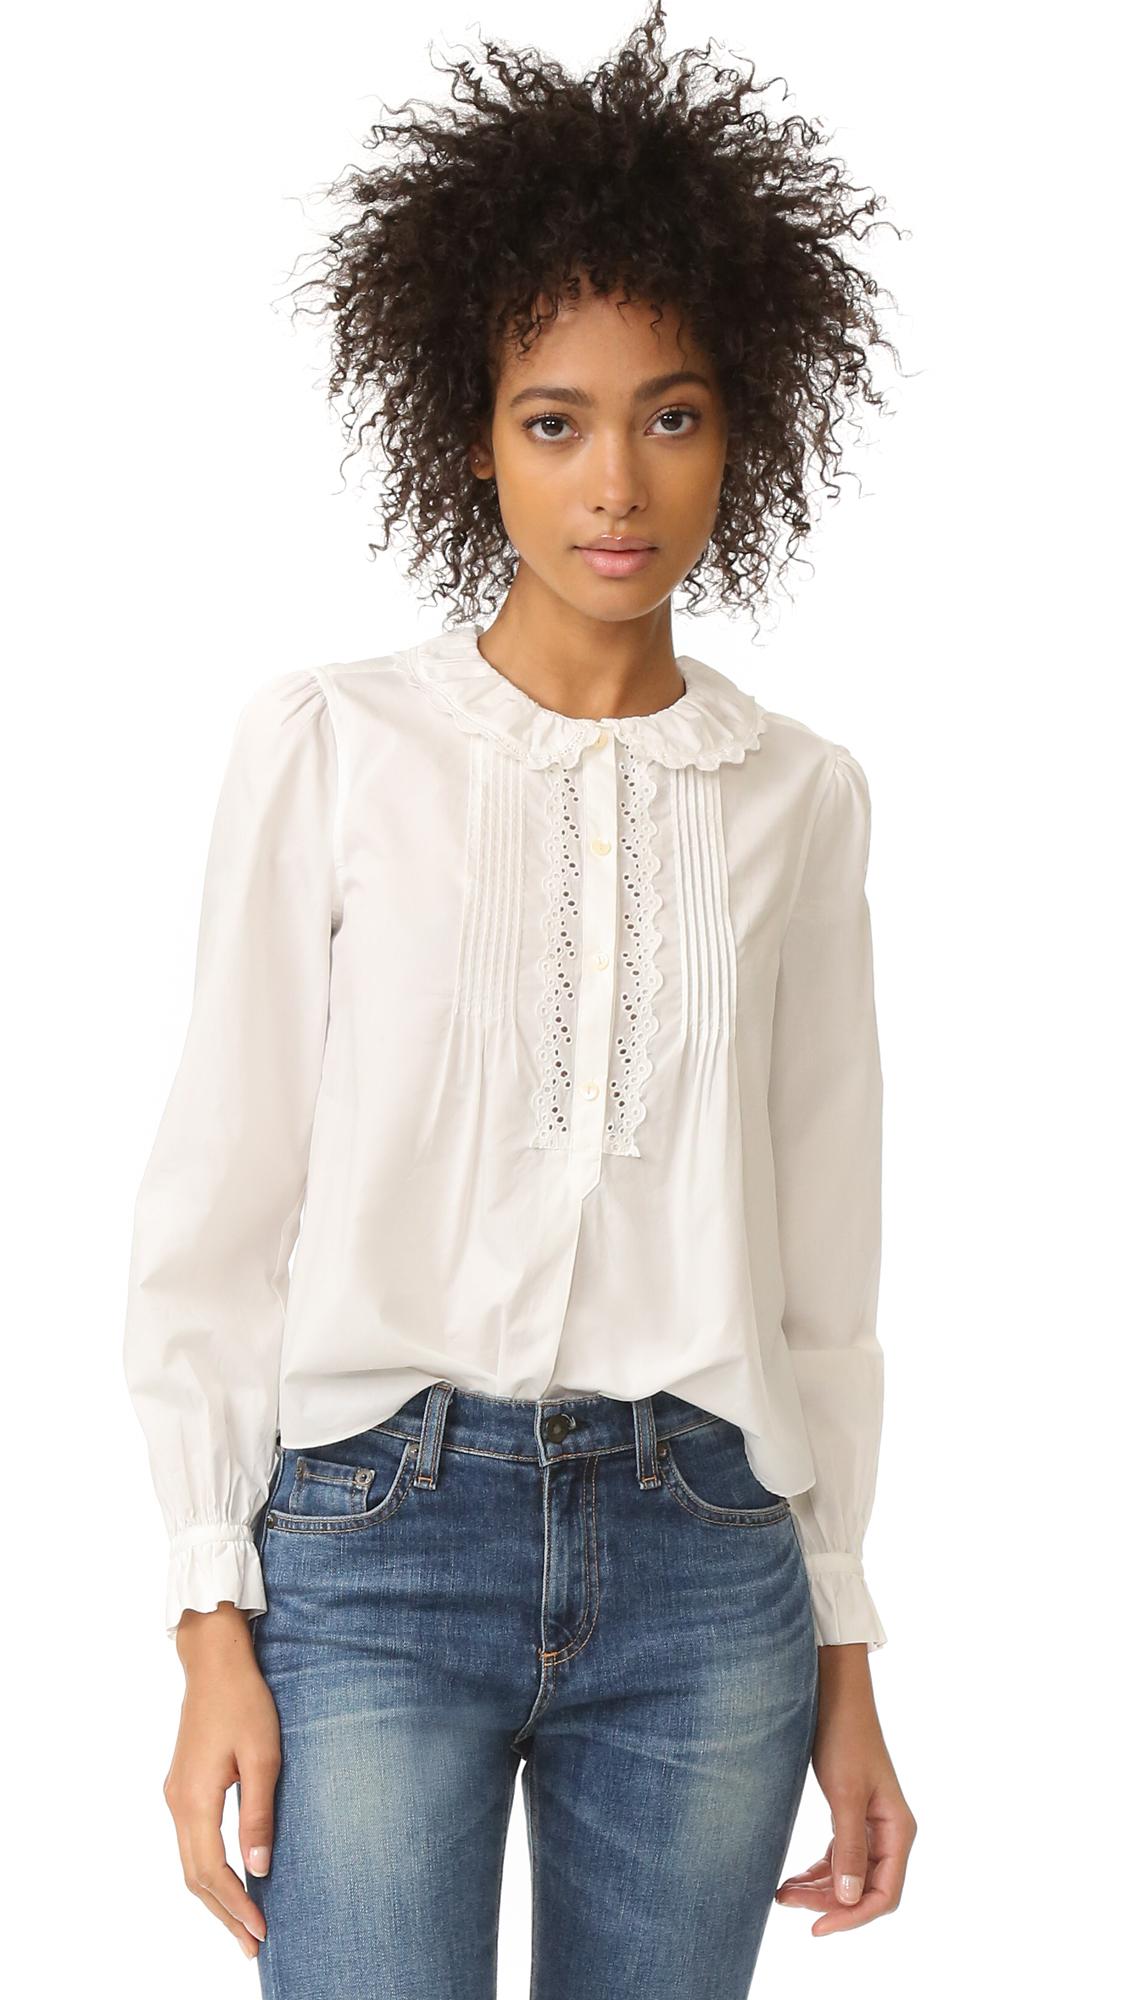 La Vie Rebecca Taylor Long Sleeve Pop Collar Top - Snow at Shopbop